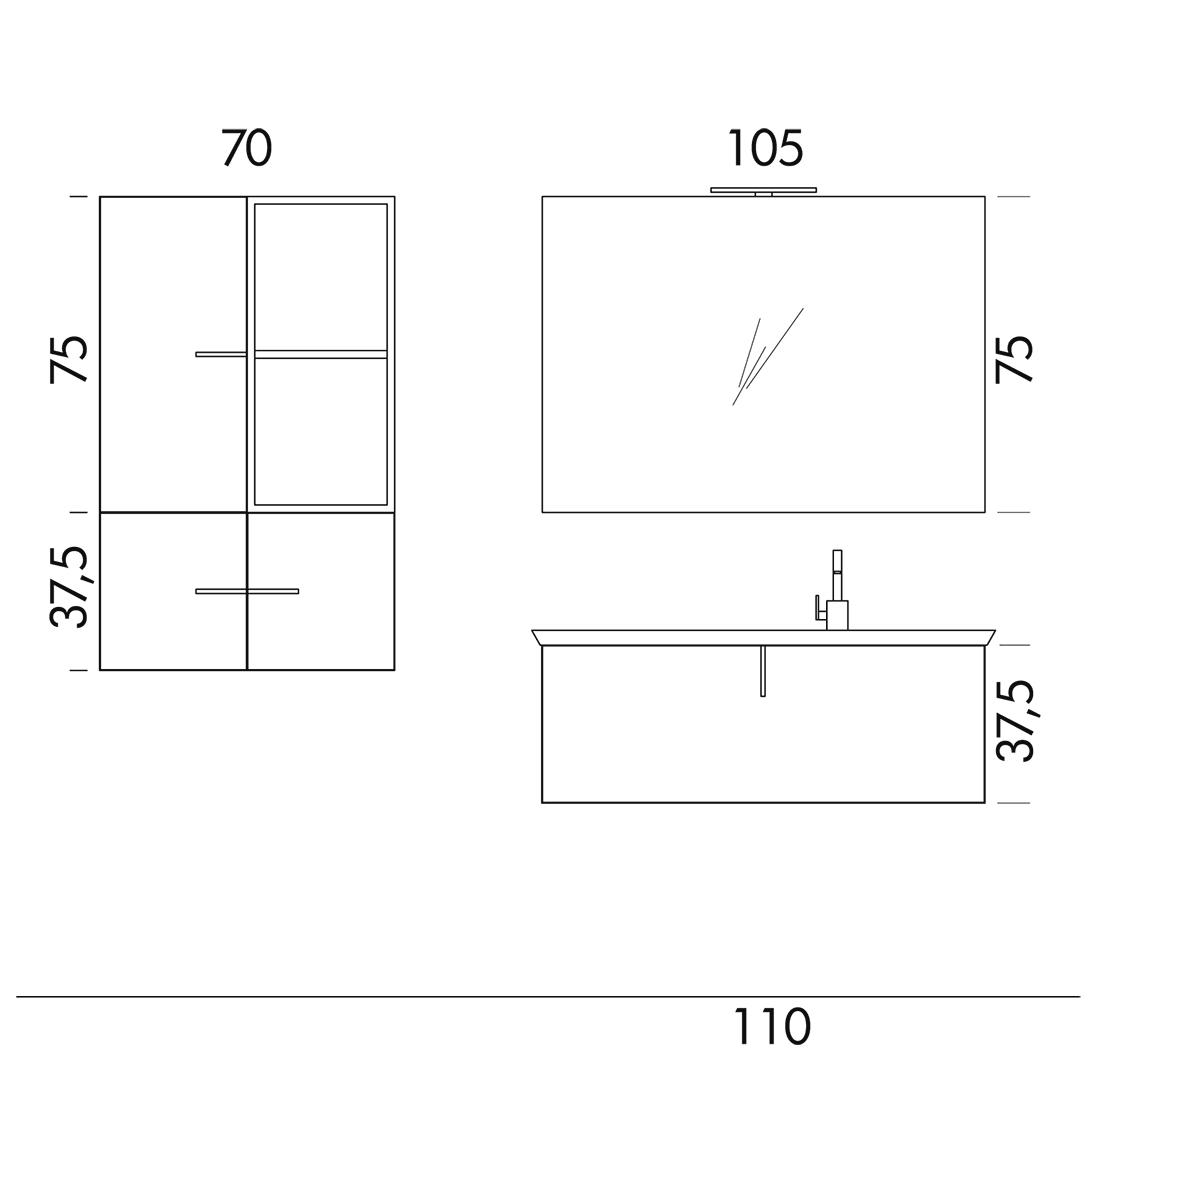 b201 73 life - mobile arredo bagno design l 70+110,5 x p 20,8/54 ... - Arredo Bagno Misure